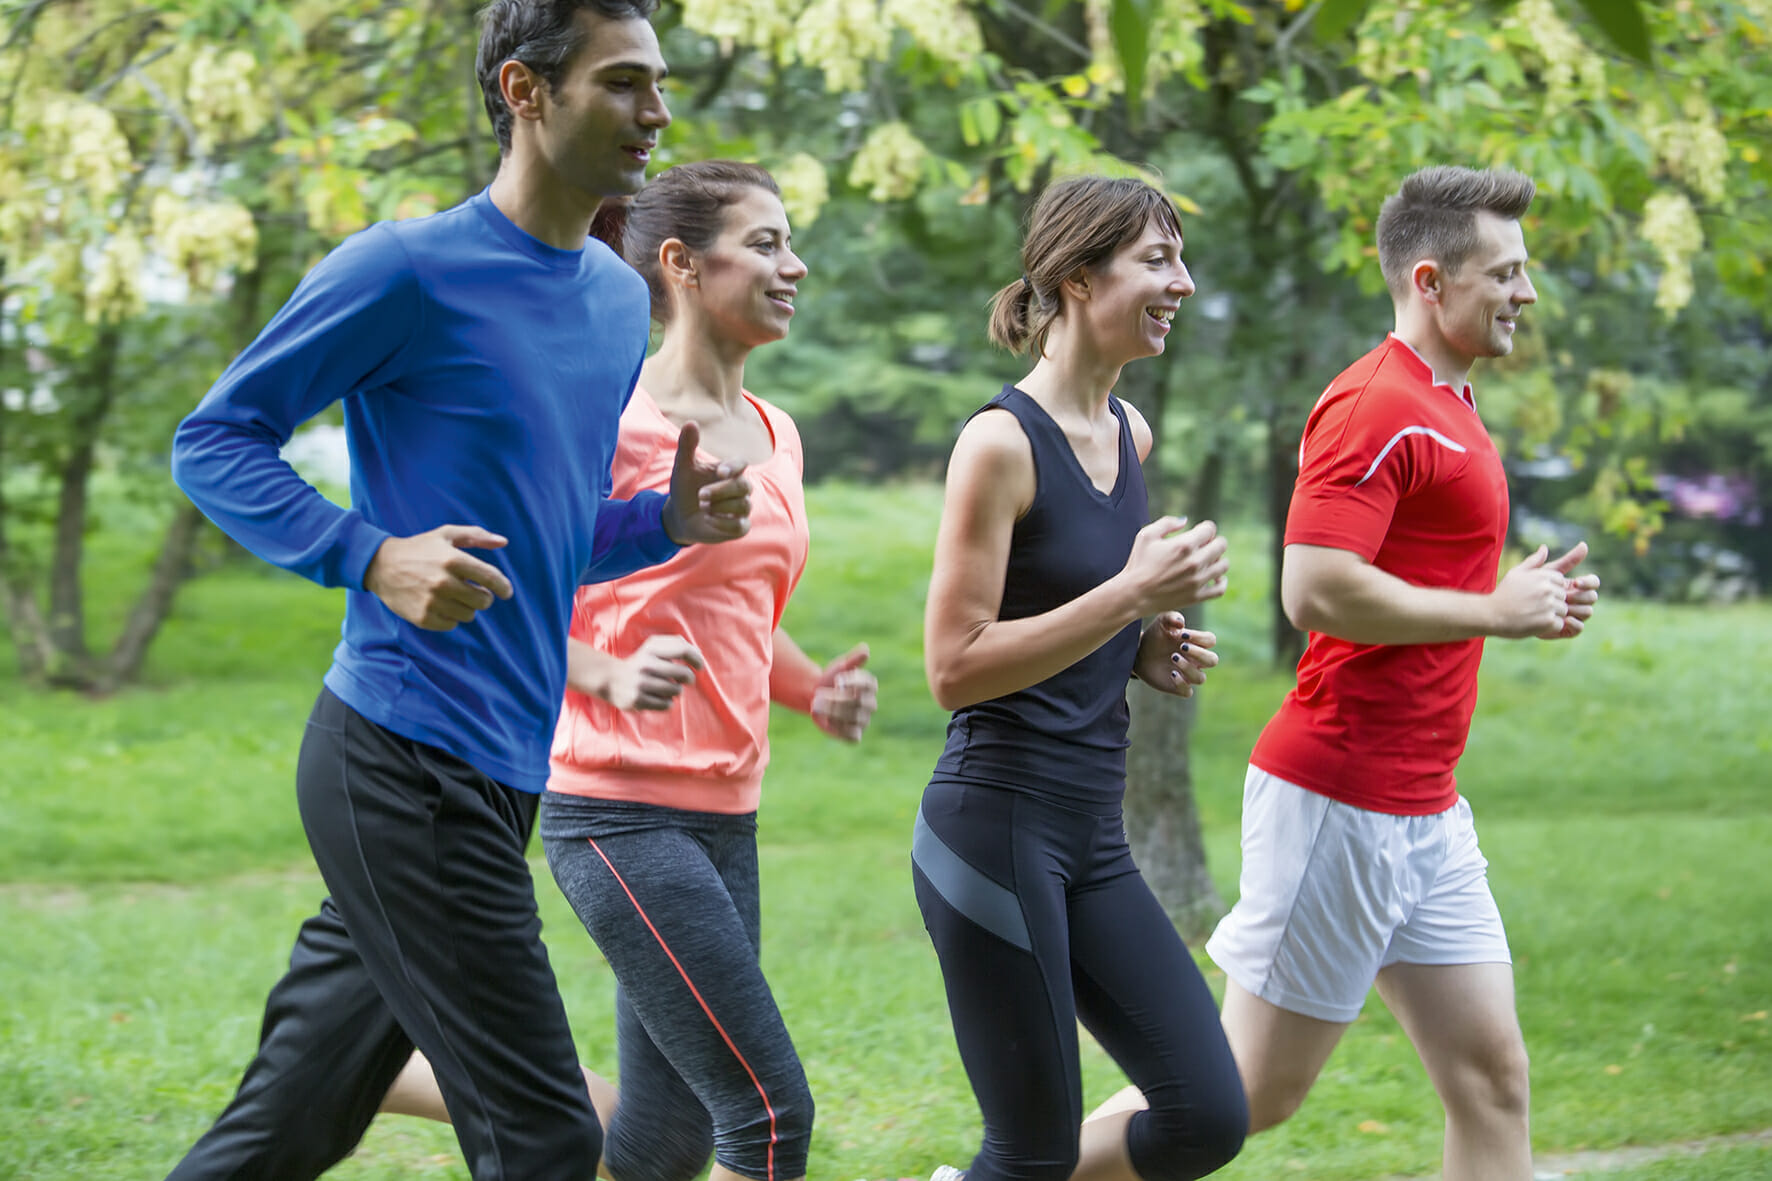 Quels sont les 4 piliers d'un bon entrainement qui préserve la santé?